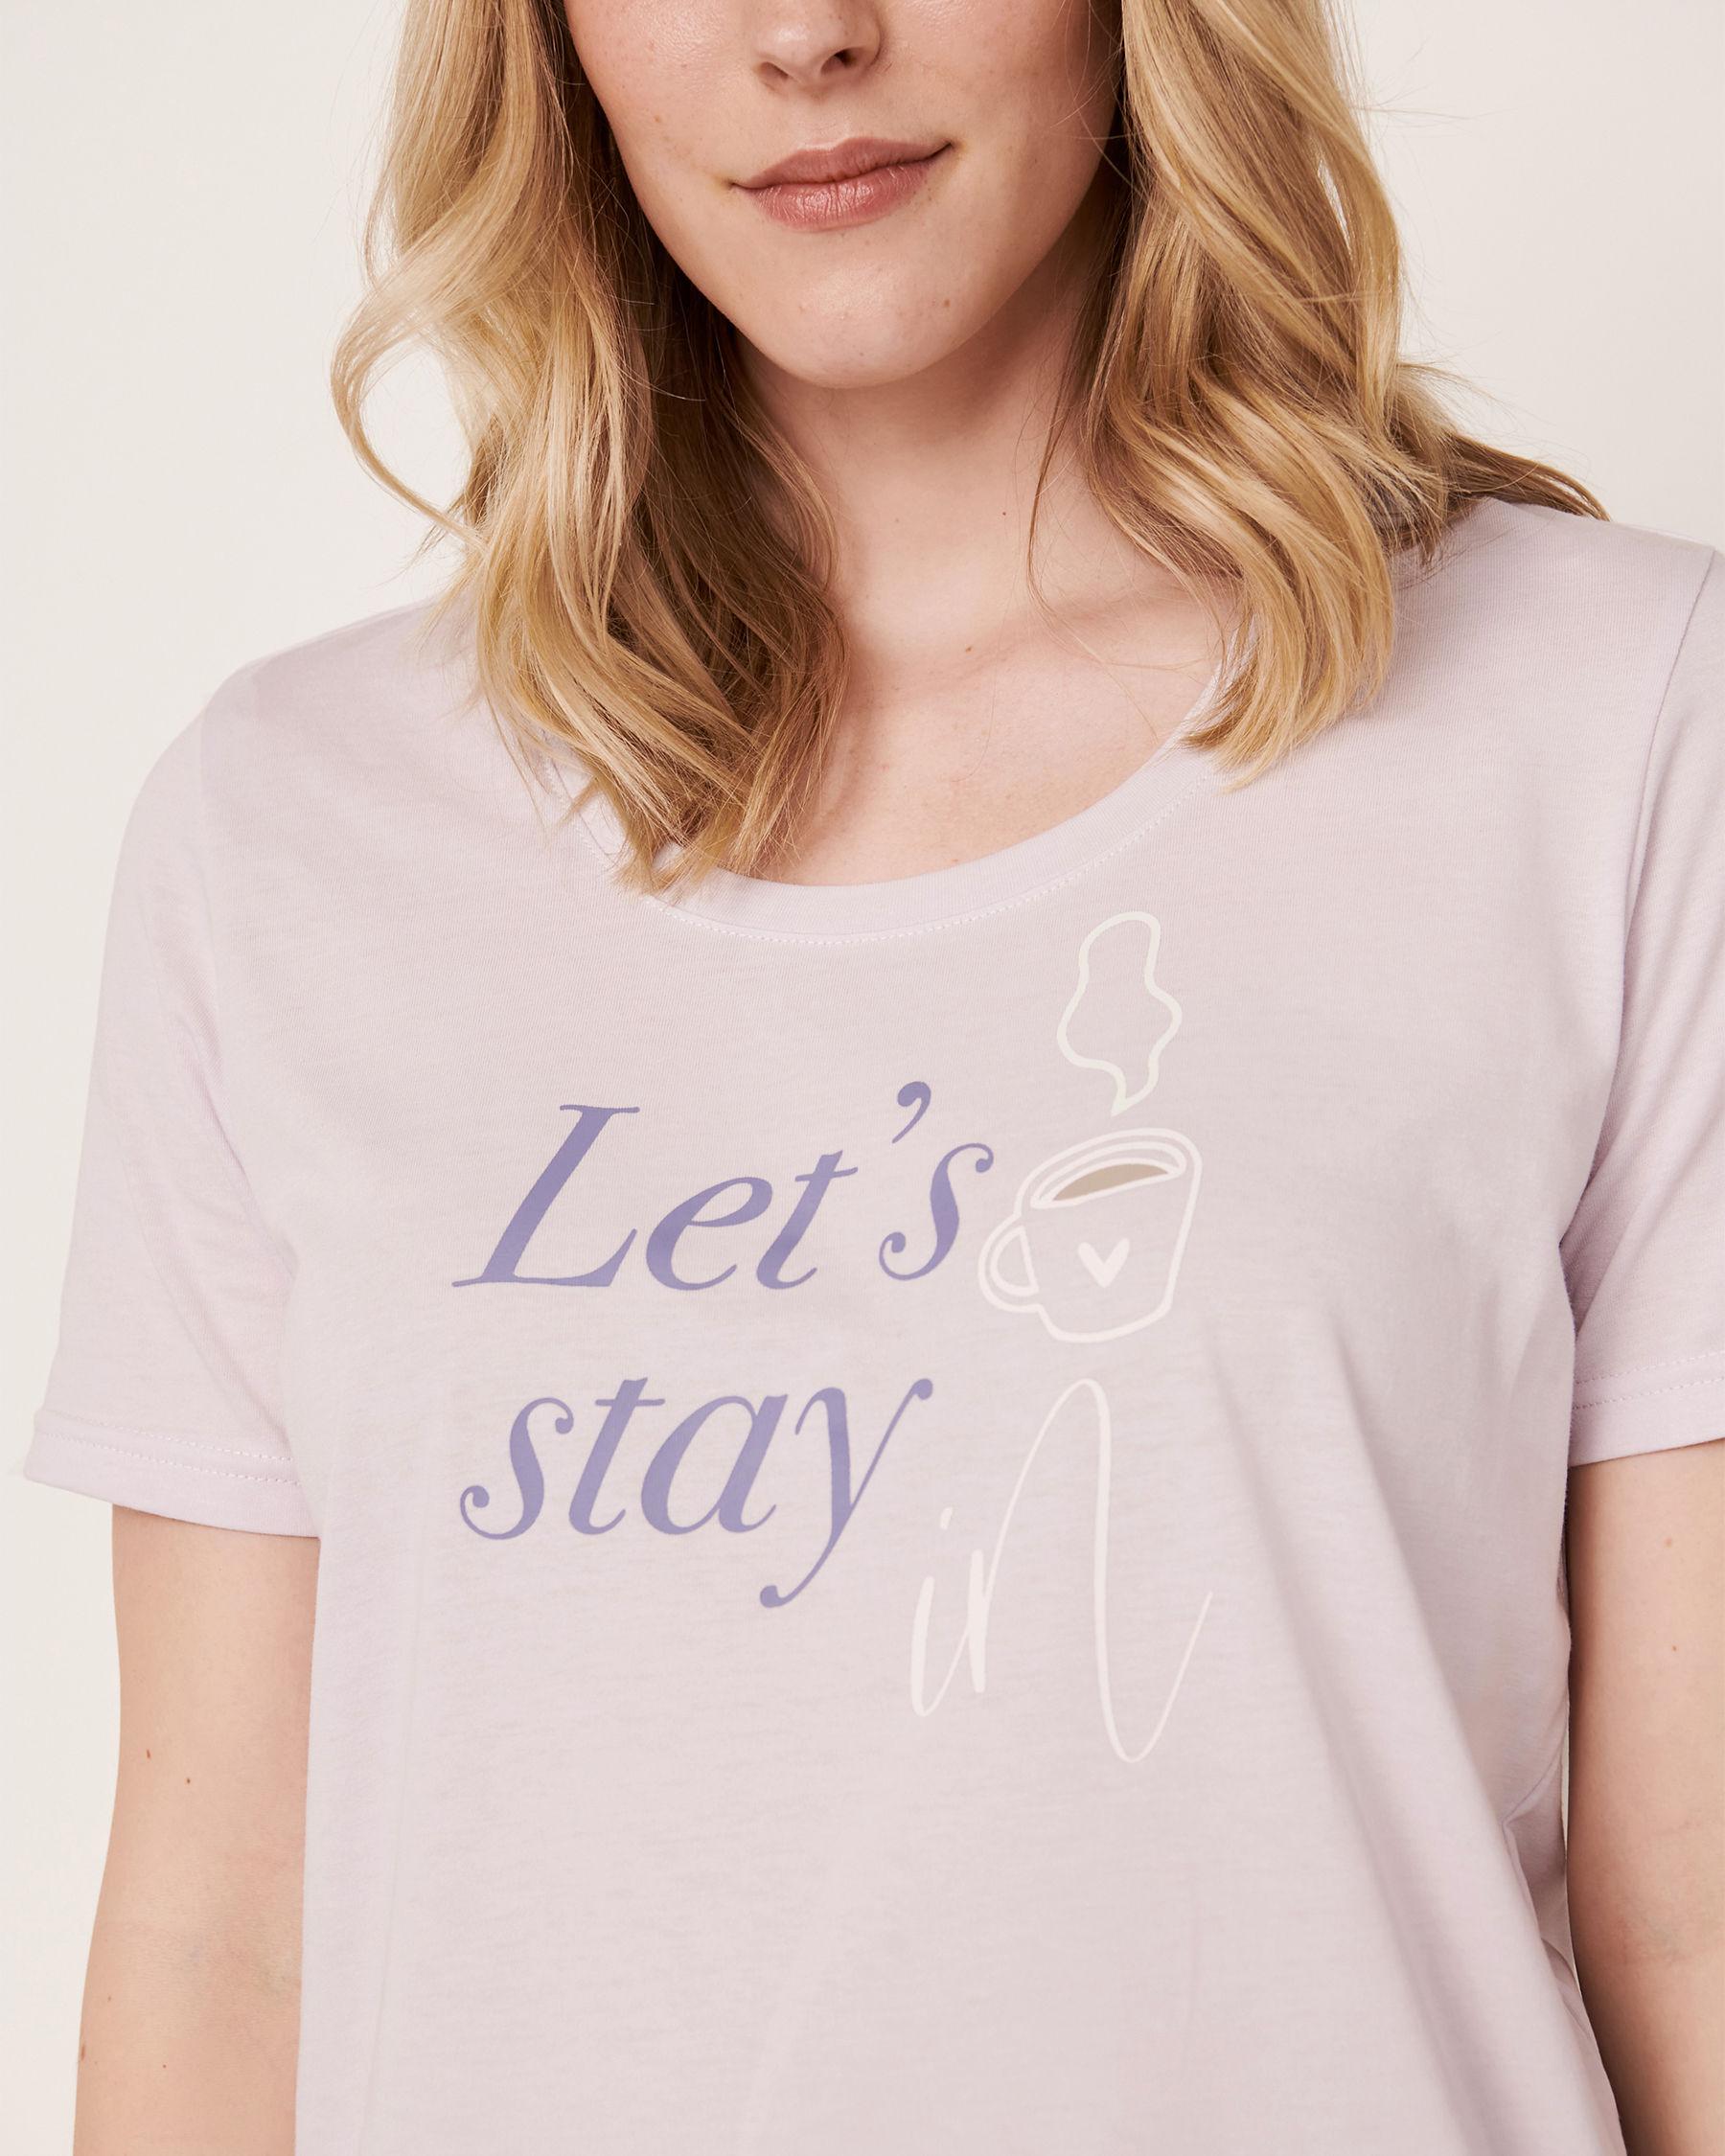 LA VIE EN ROSE Scoop Neck T-shirt Lavender 40100167 - View6